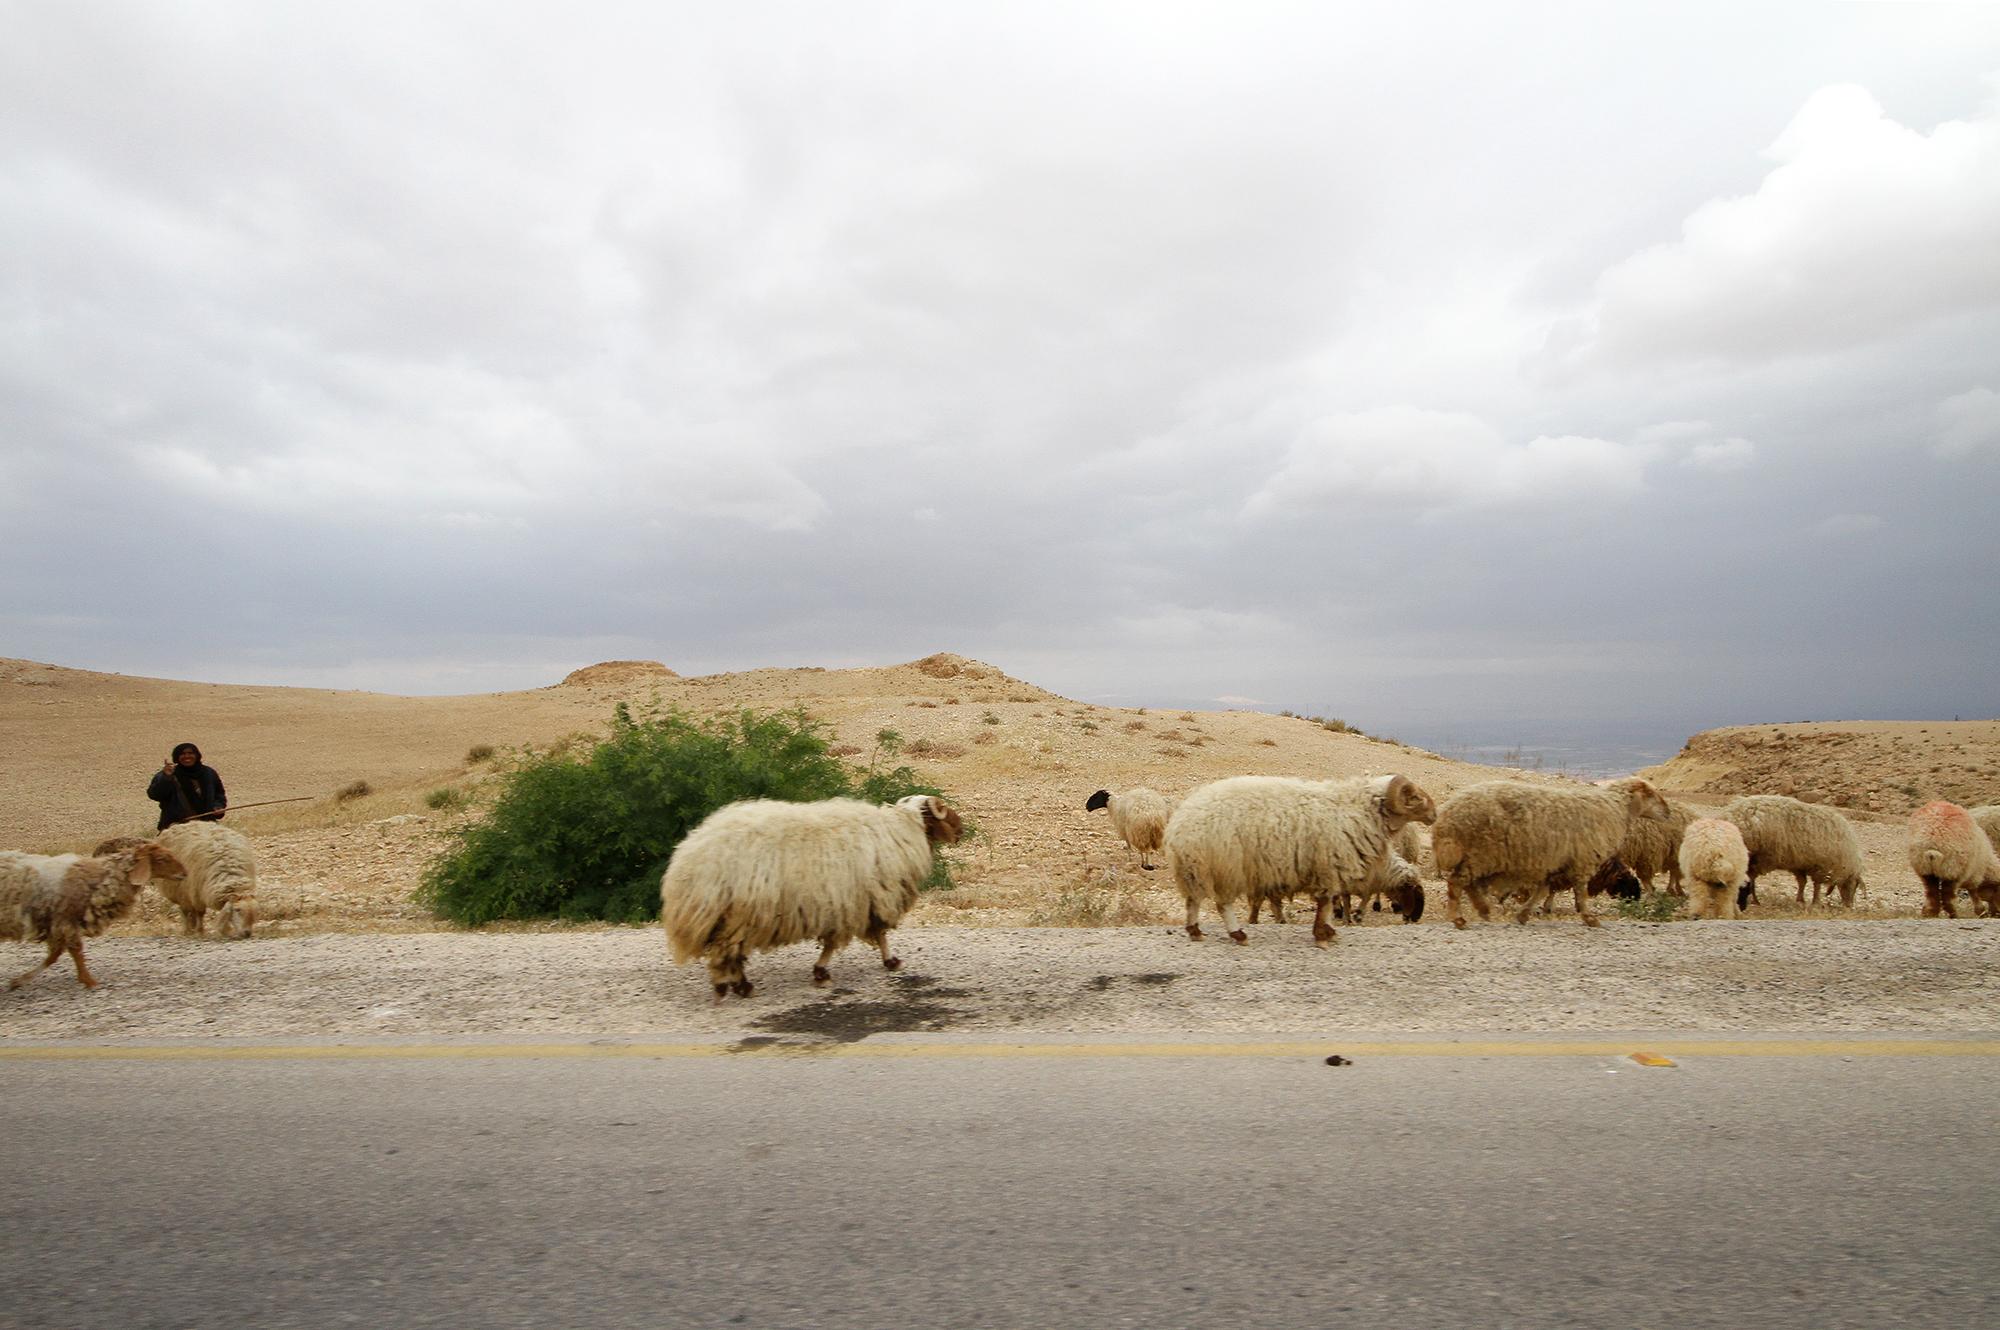 Jordan sheep